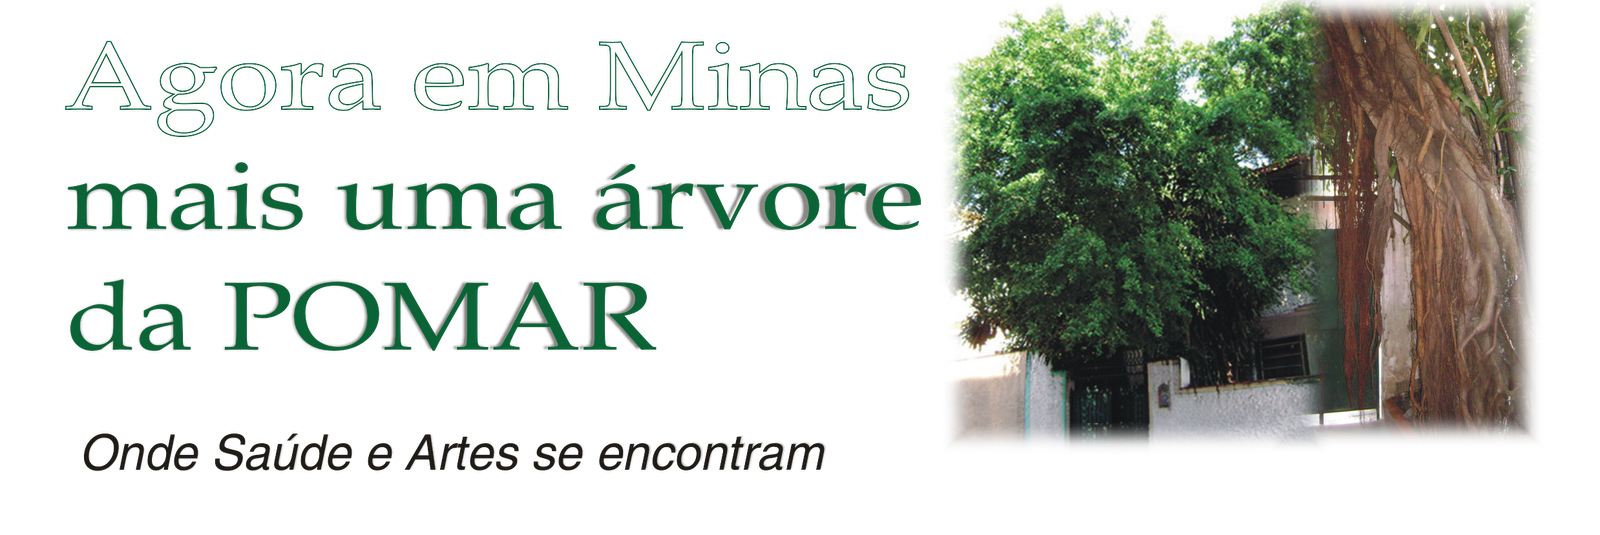 Clínica Pomar em Minas